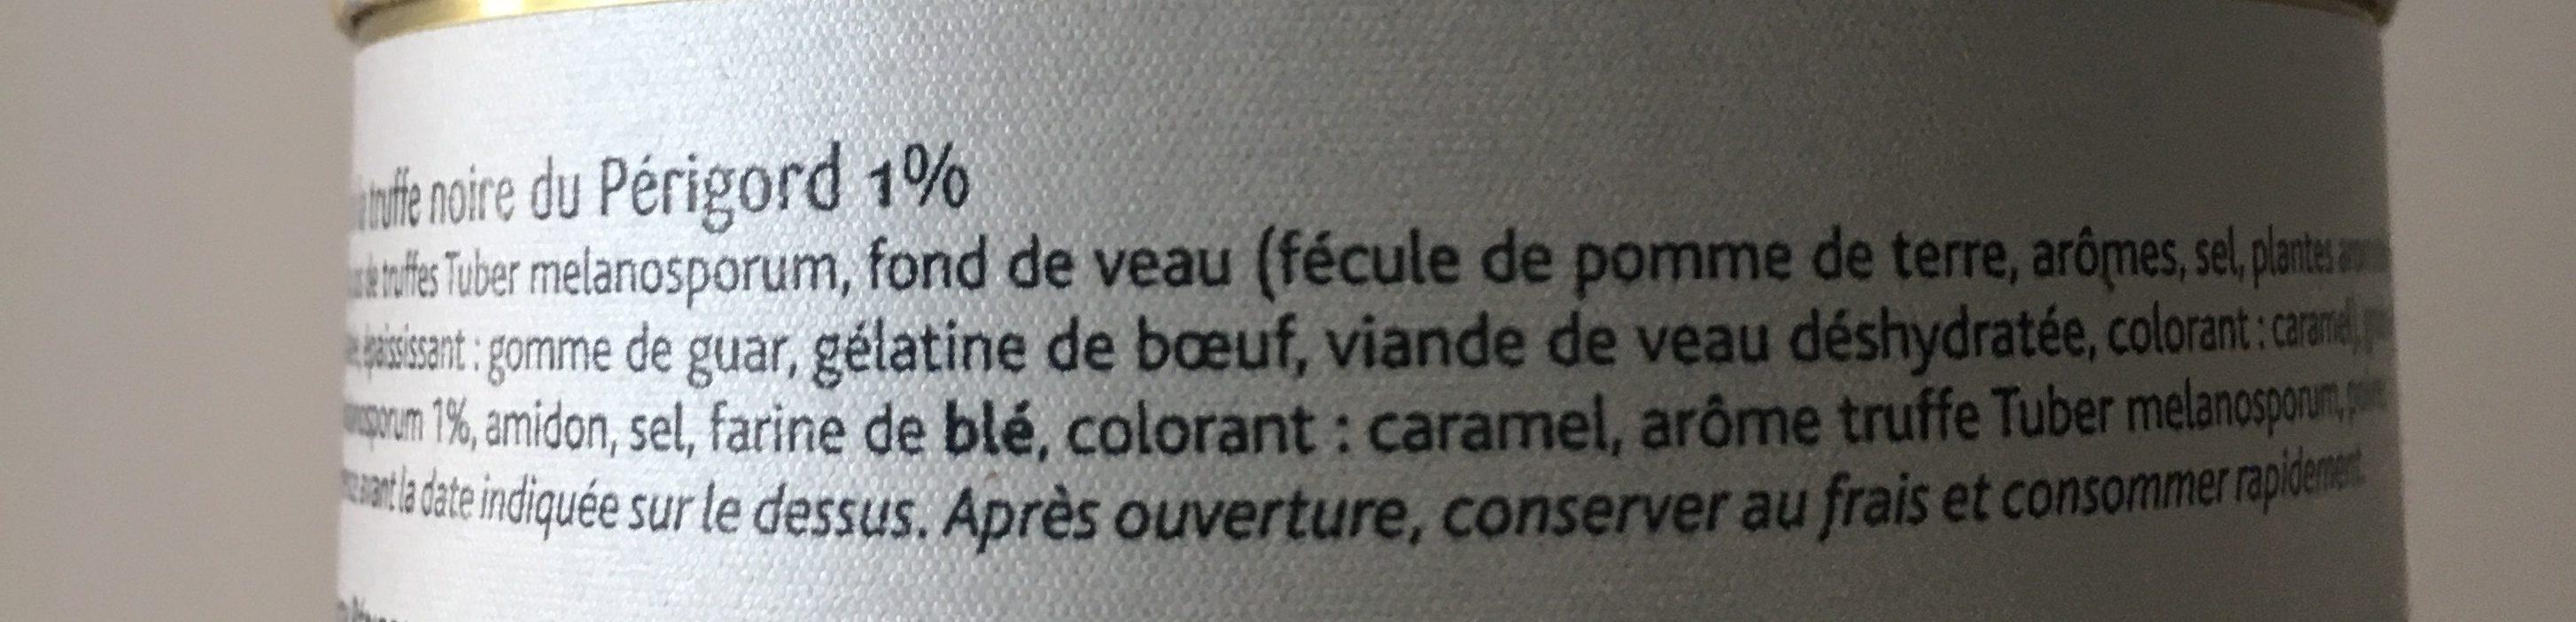 Sauce Périgueux aux Truffes 1% - Ingrédients